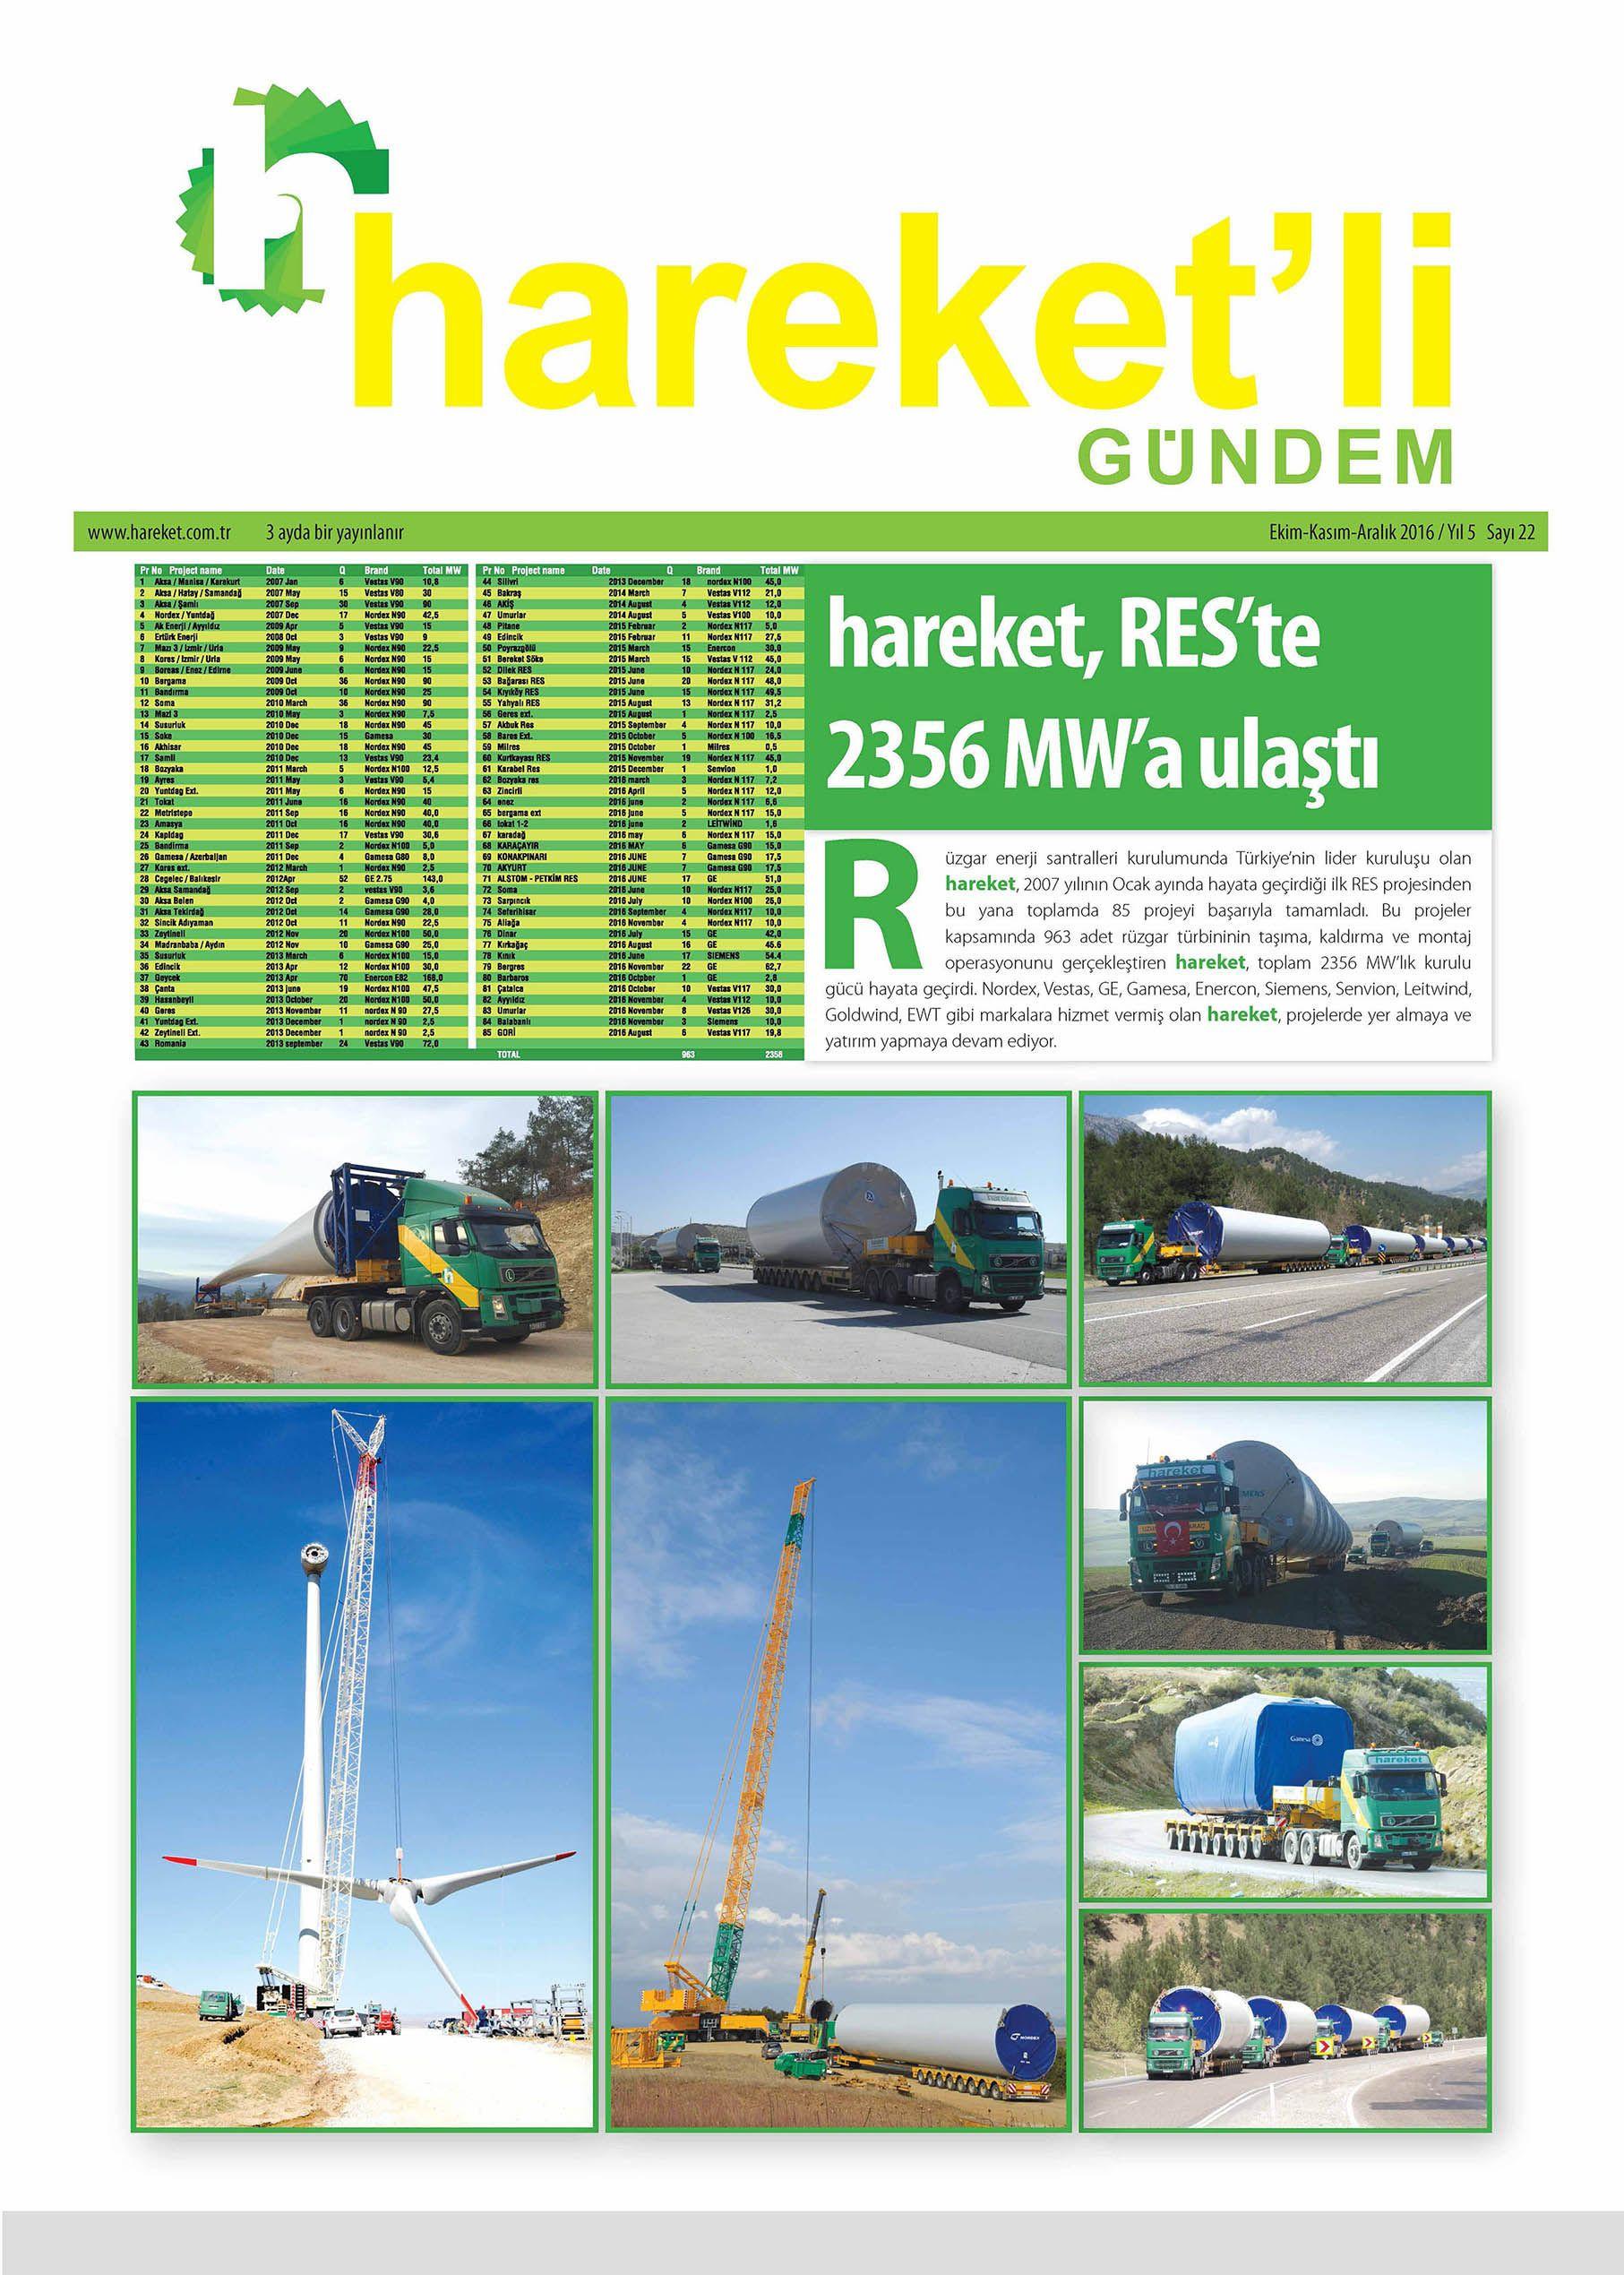 Hareket'li Gündem Magazine - ISSUE 22